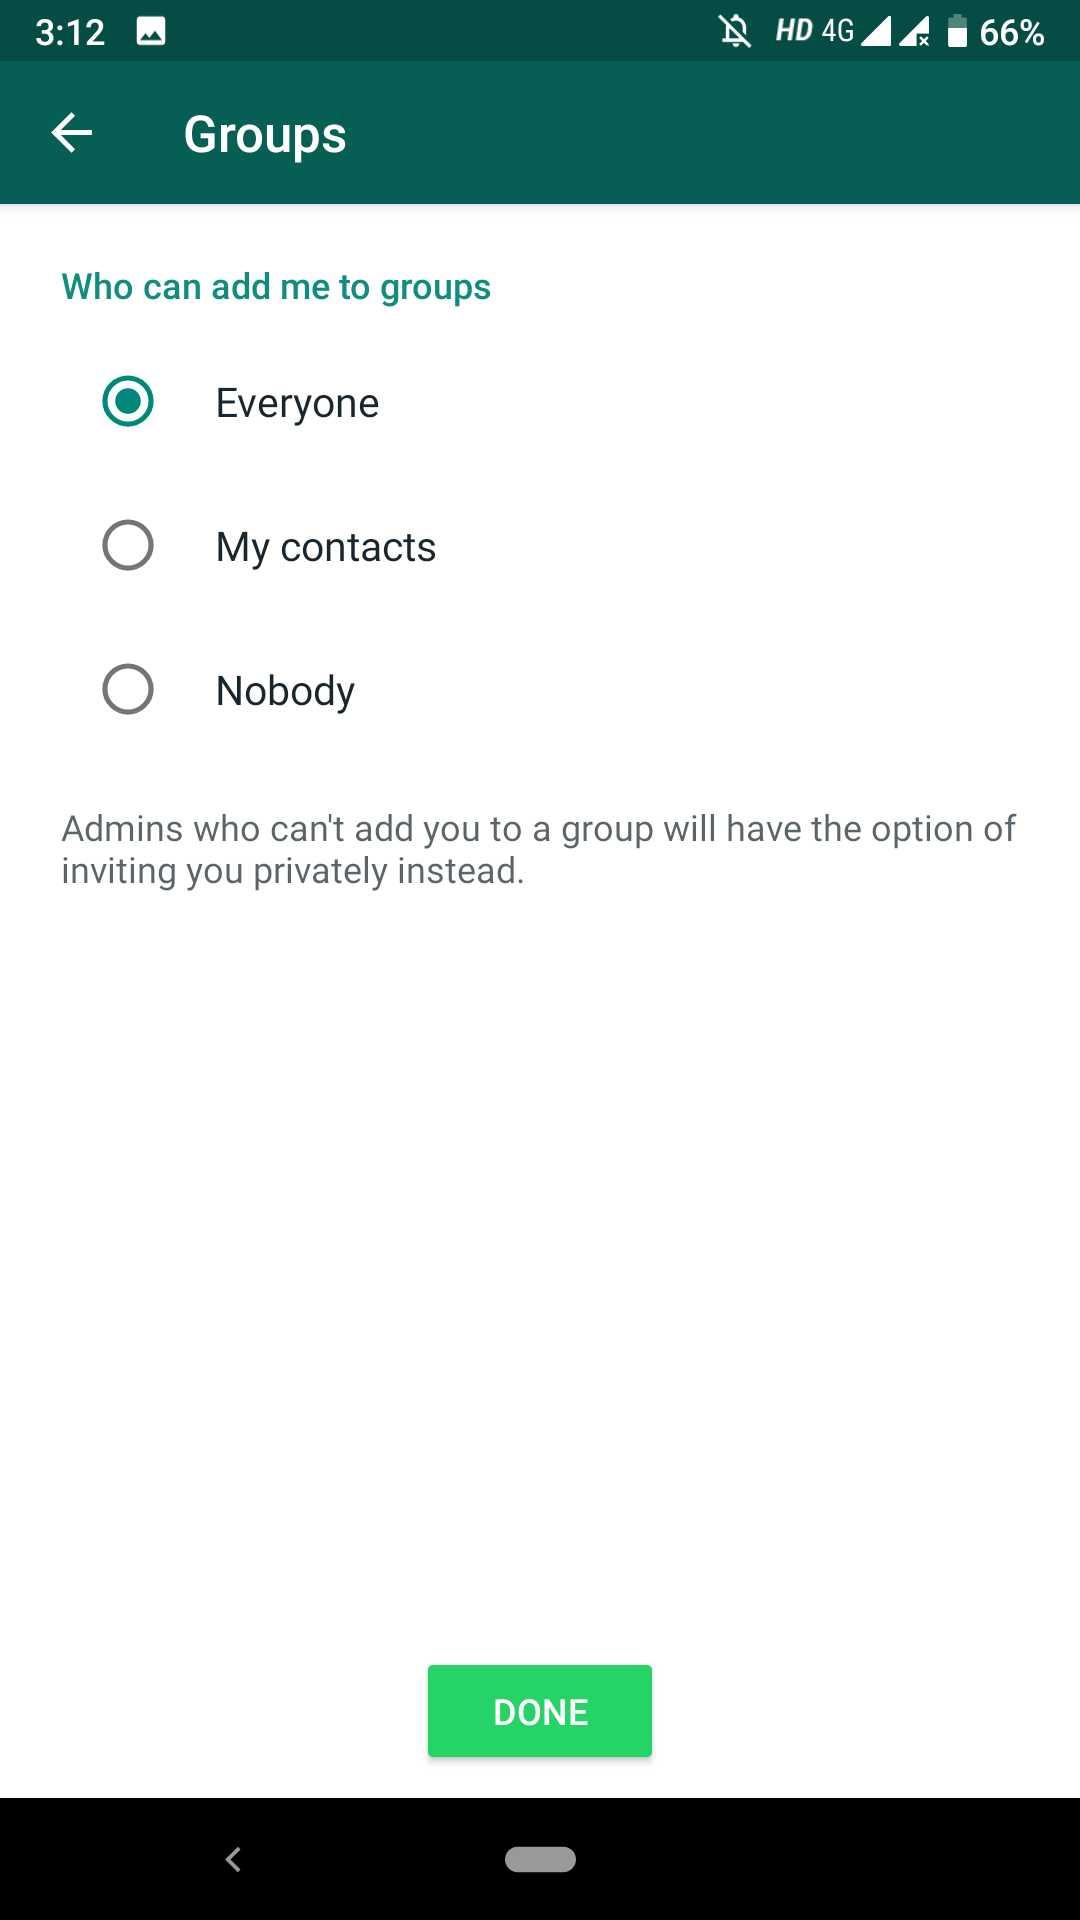 WhatsApp新增的隐私模式能让你免受垃圾信息的困扰 6